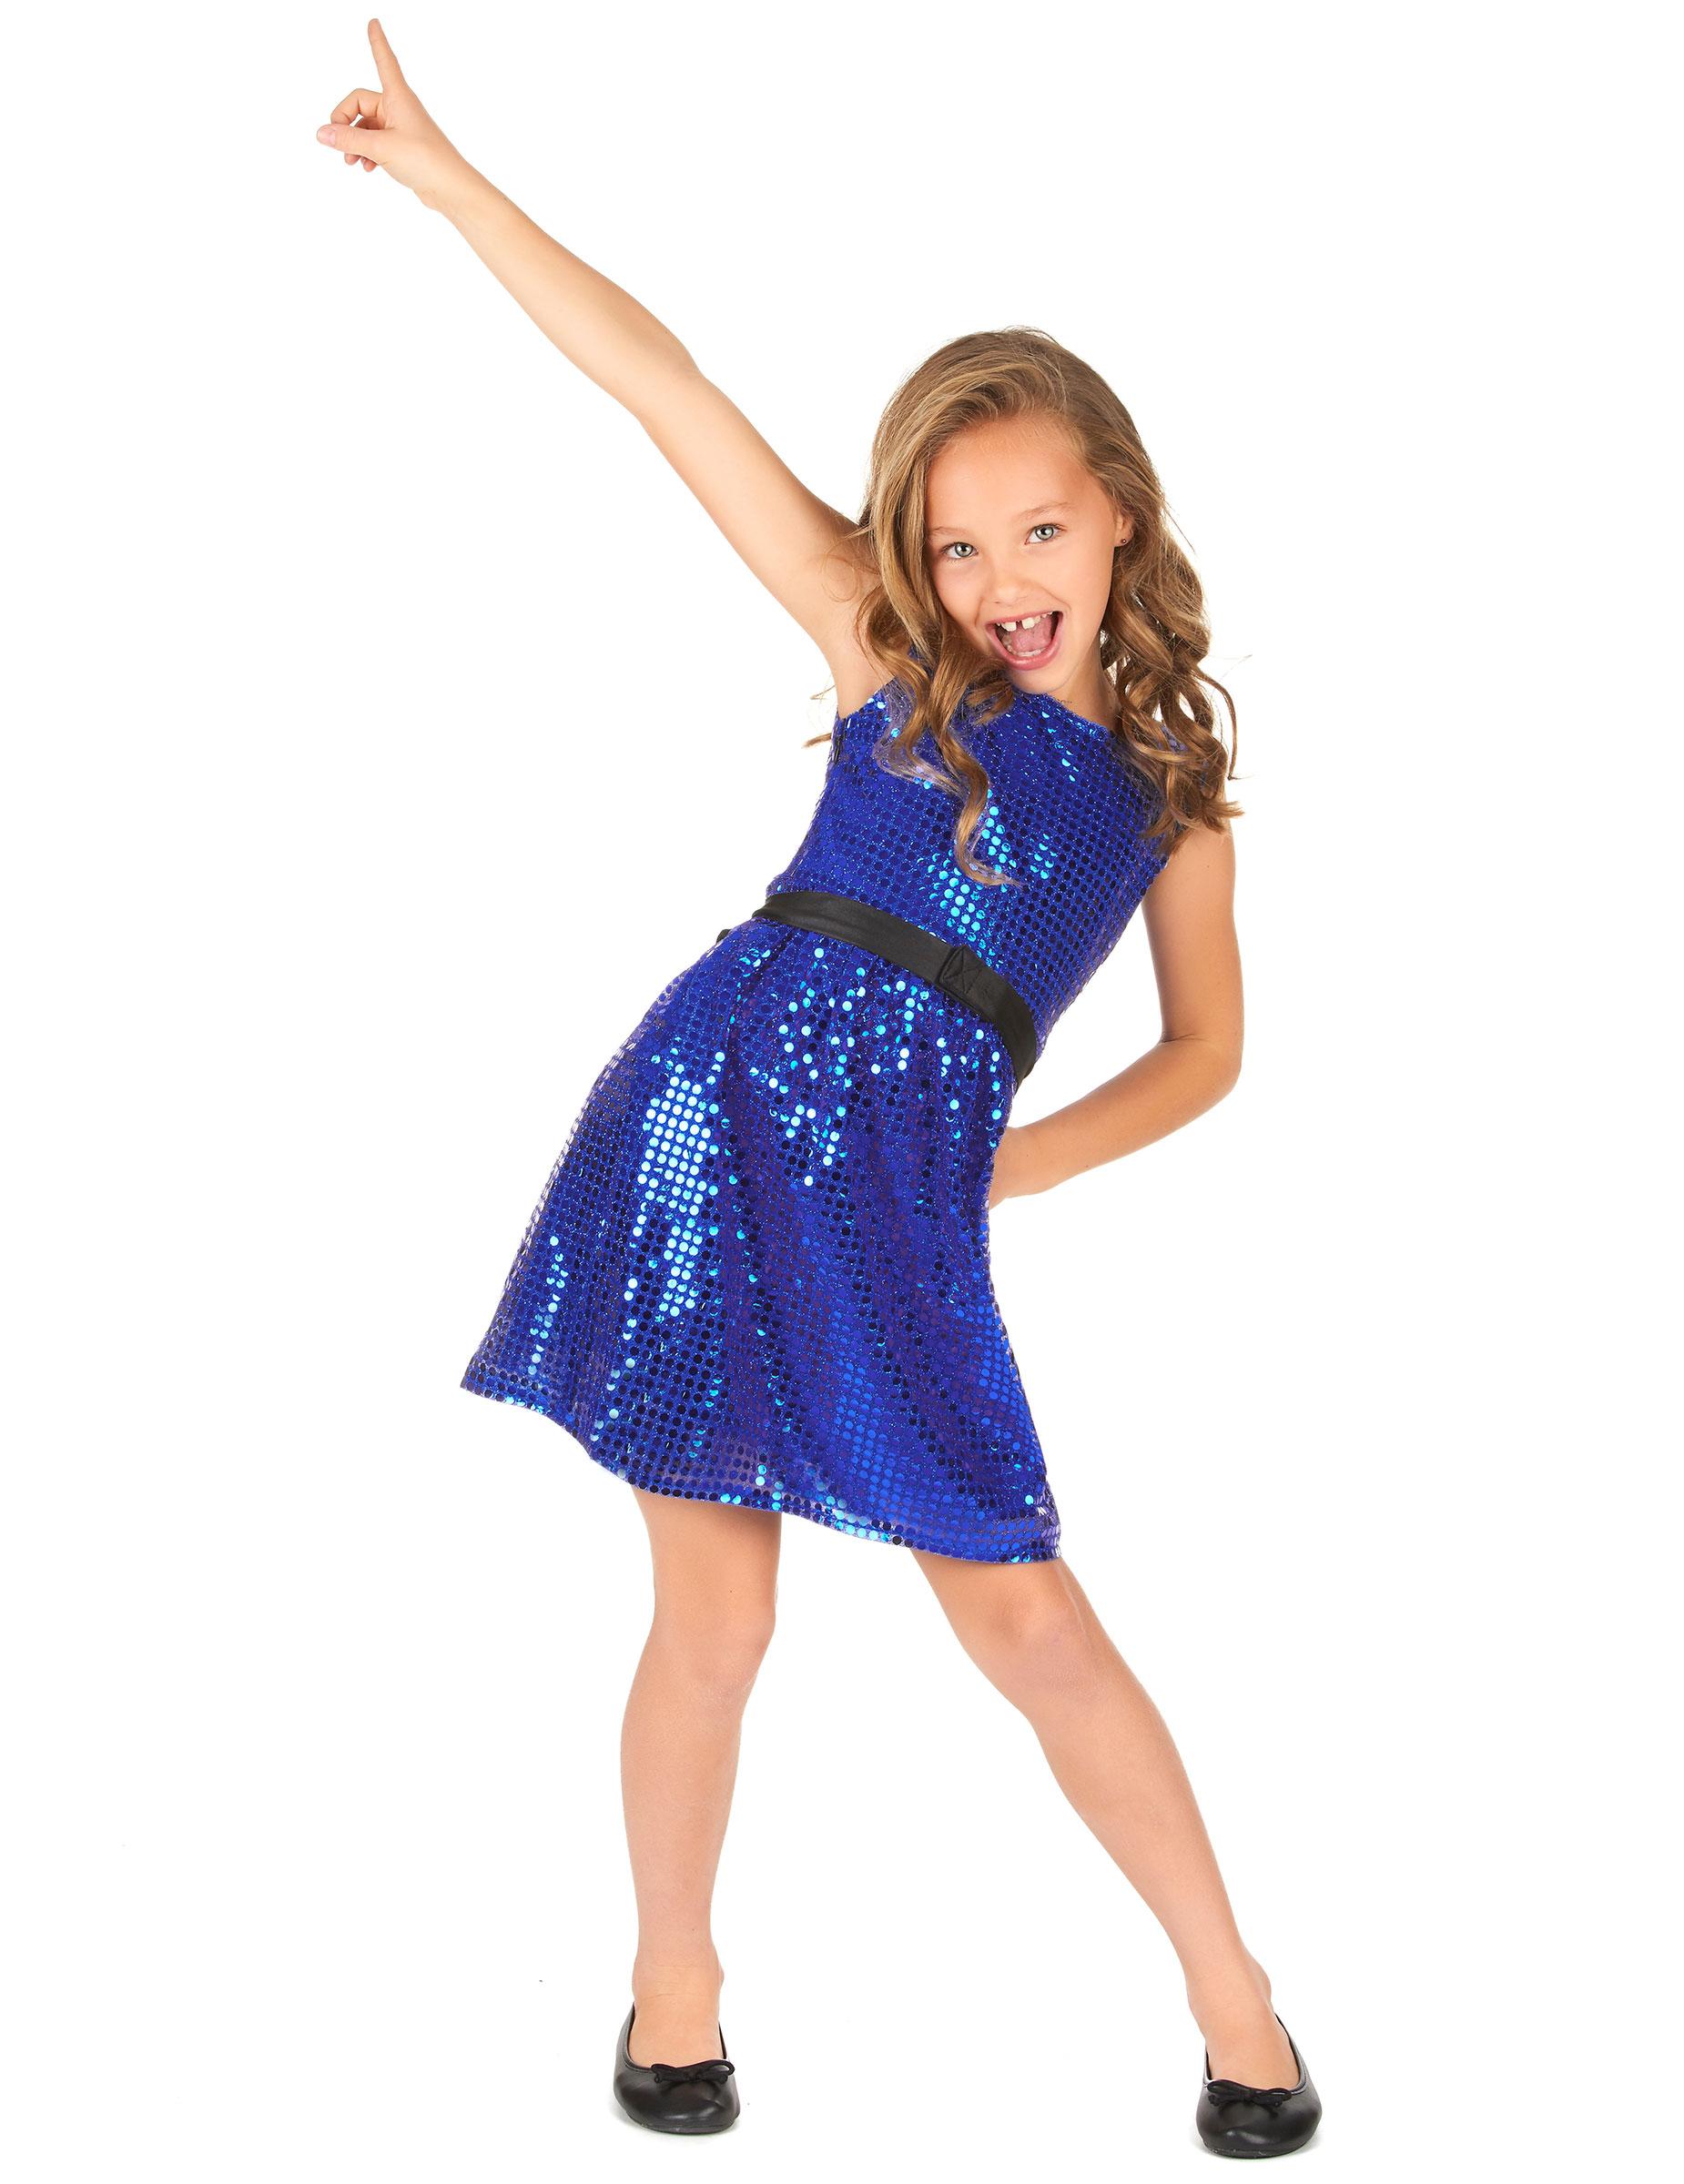 0bf351c61c86 Kostüm blaues Pailletten Disco Kleid mit Schleife